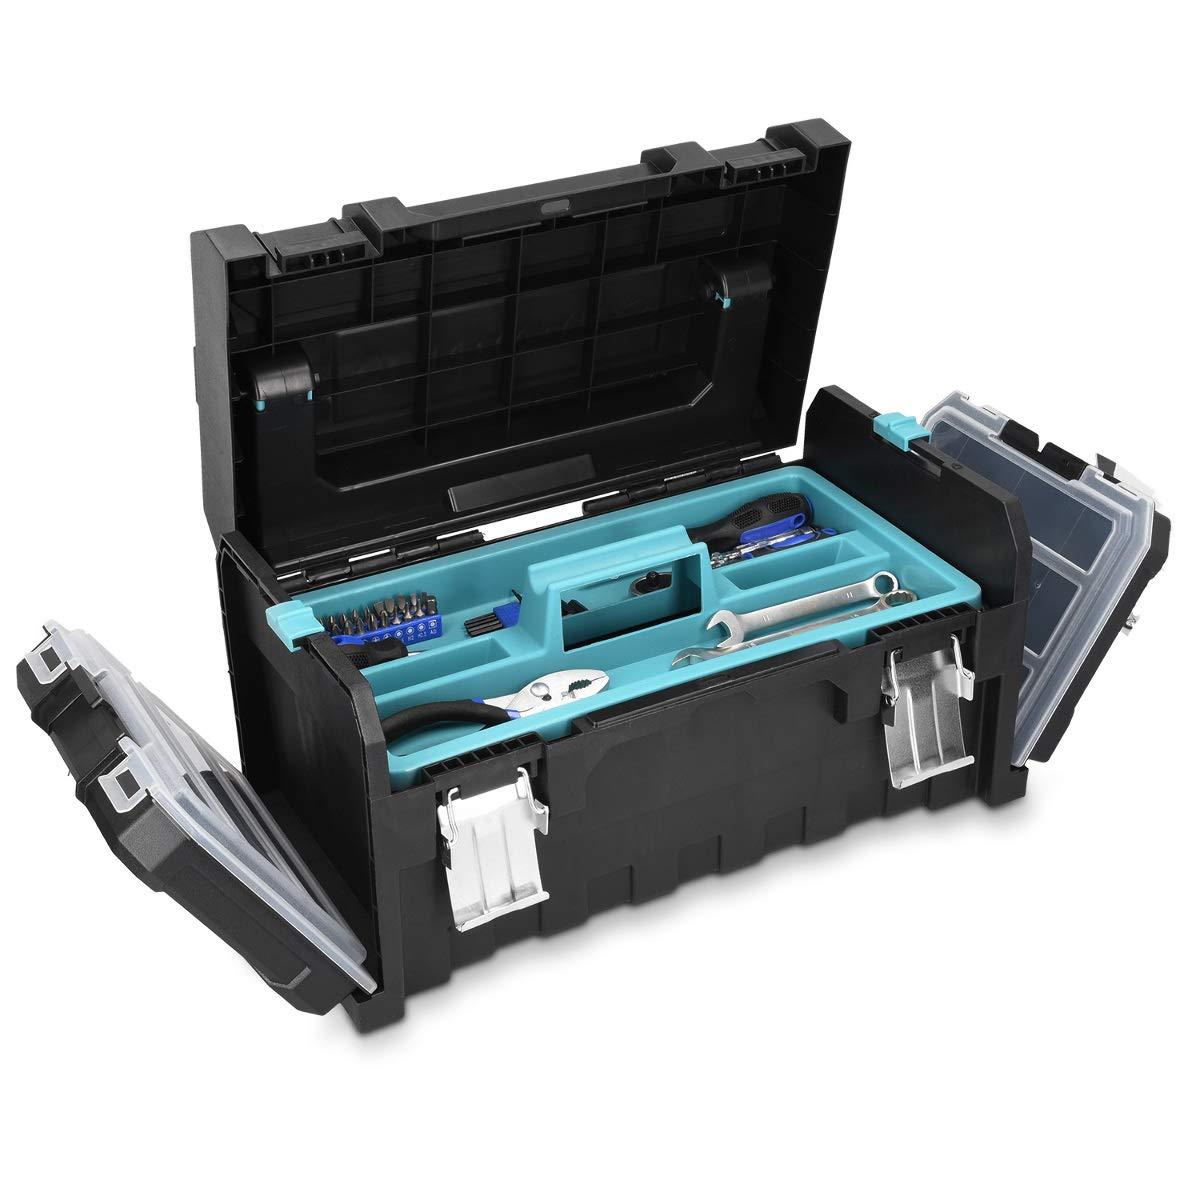 Organizador con 2 cierres de acero y 2 bandejas extra/íbles Navaris caja de herramientas de pl/ástico Malet/ín para bricolaje con asa de aluminio